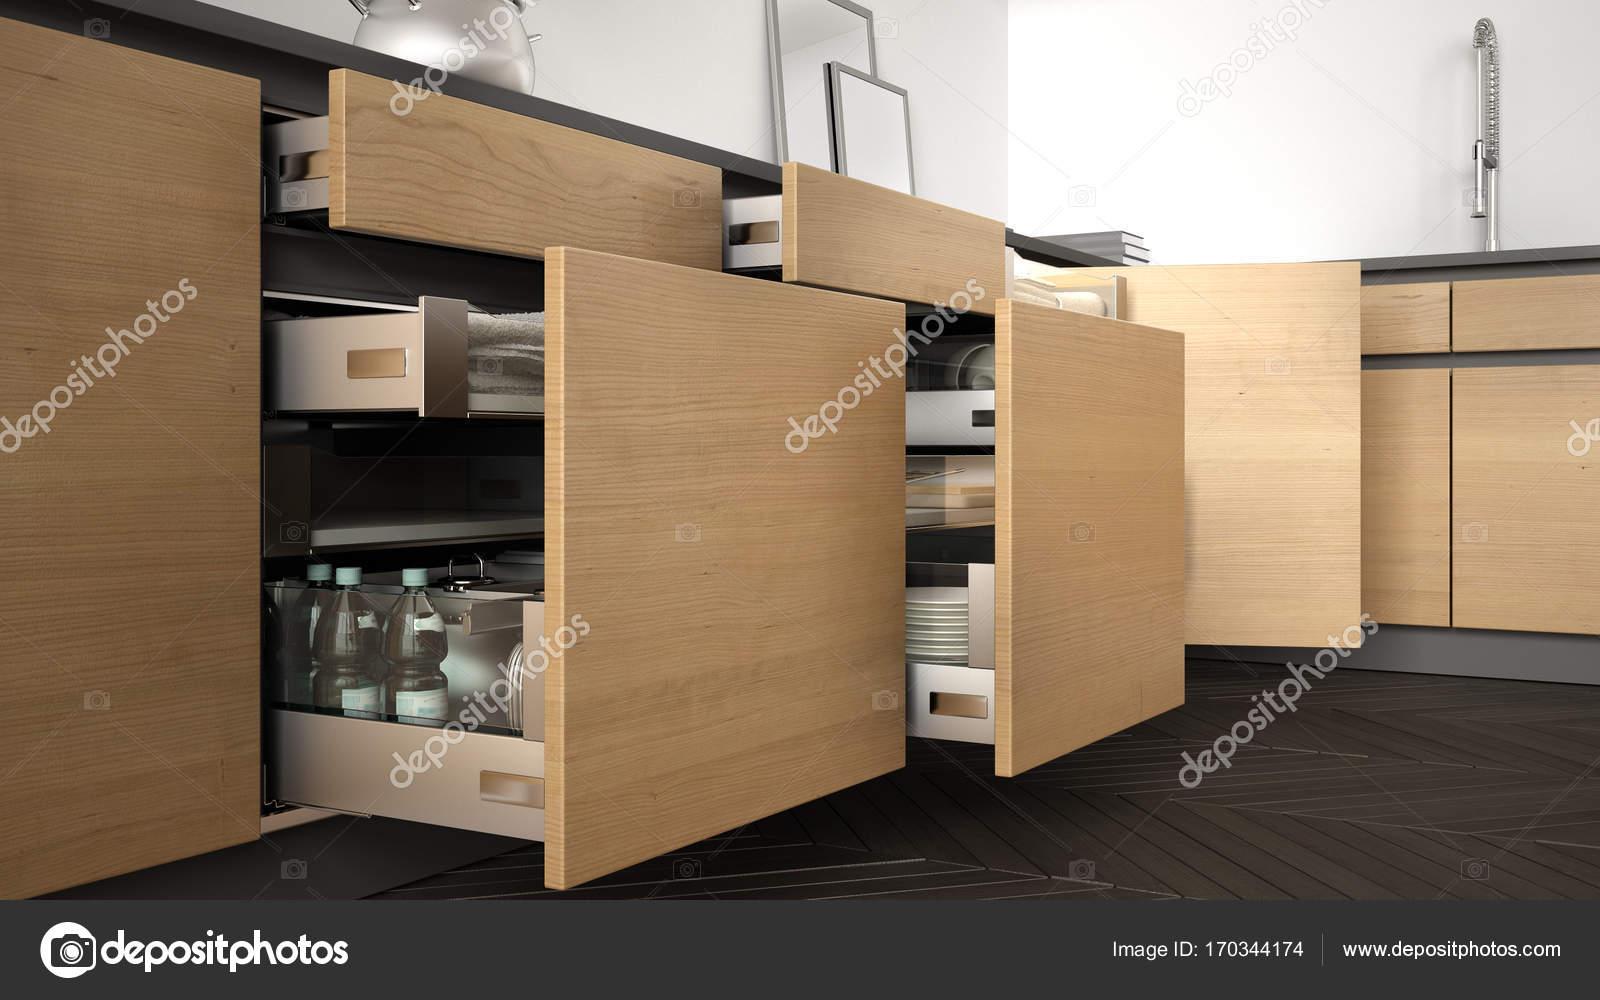 Cucina moderna, aperto i cassetti in legno con accessori all\'interno ...